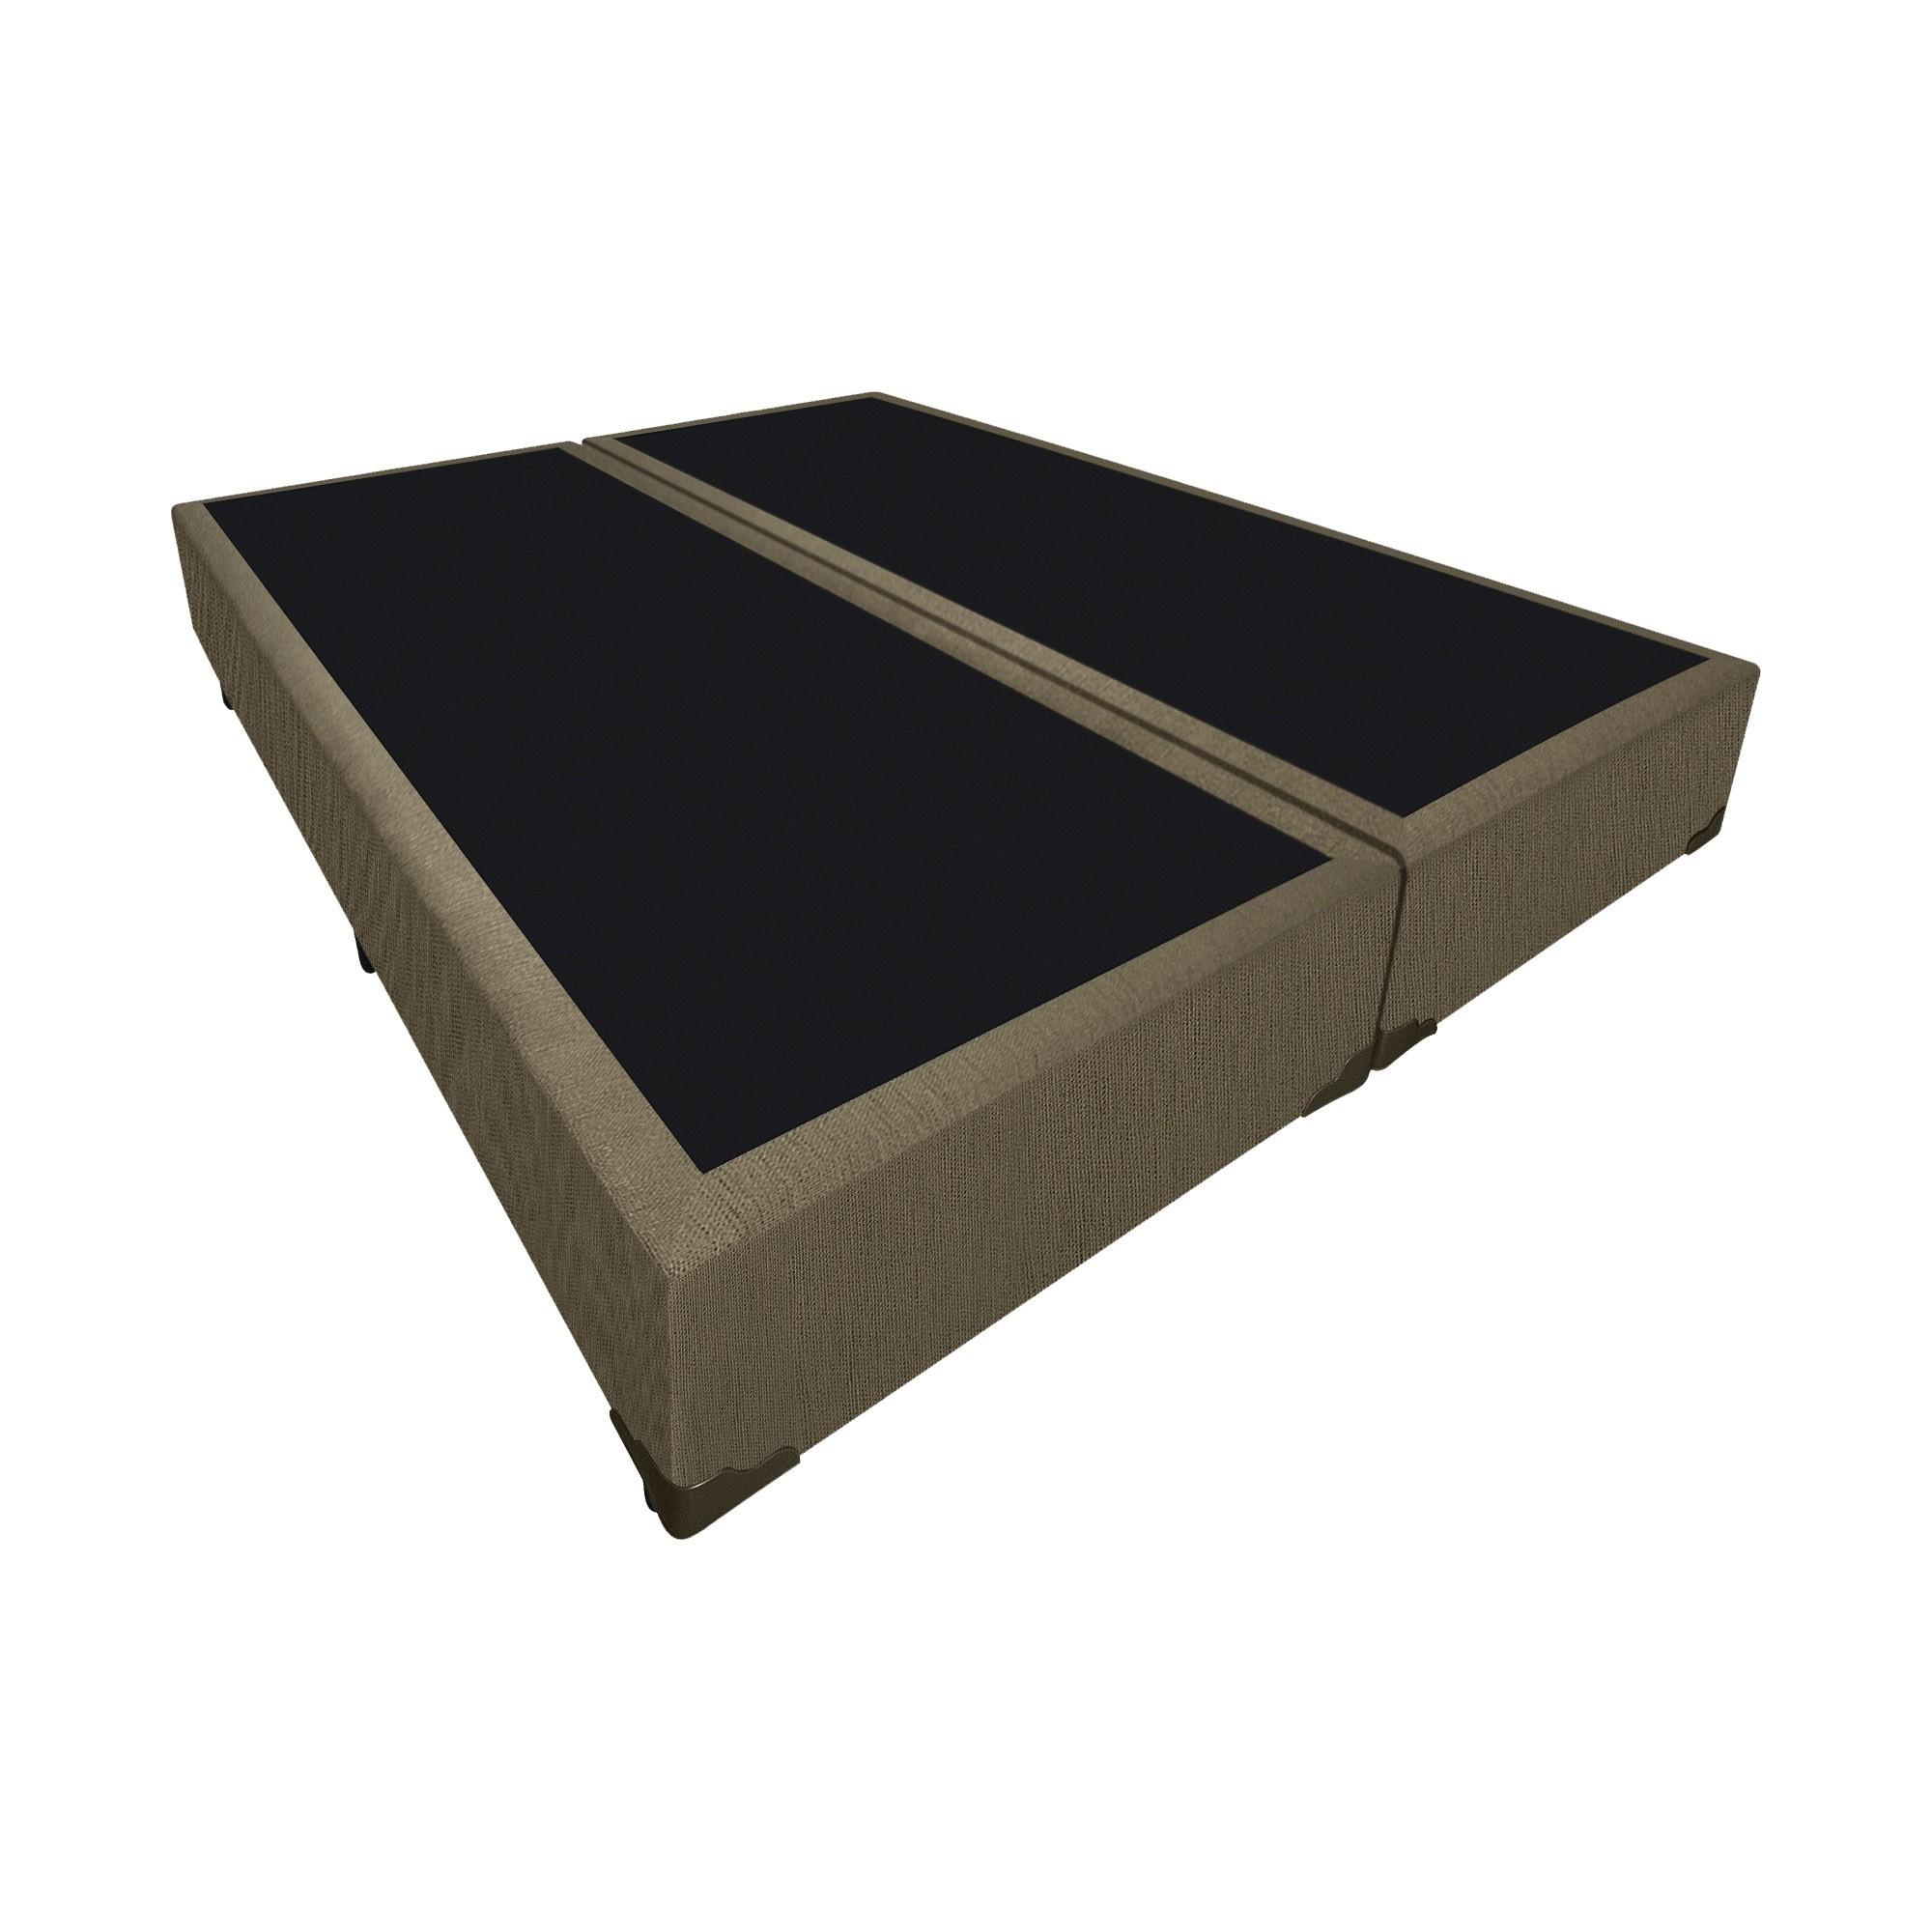 Box Tradicional Linhão Caqui [King 193 x 203 cm]